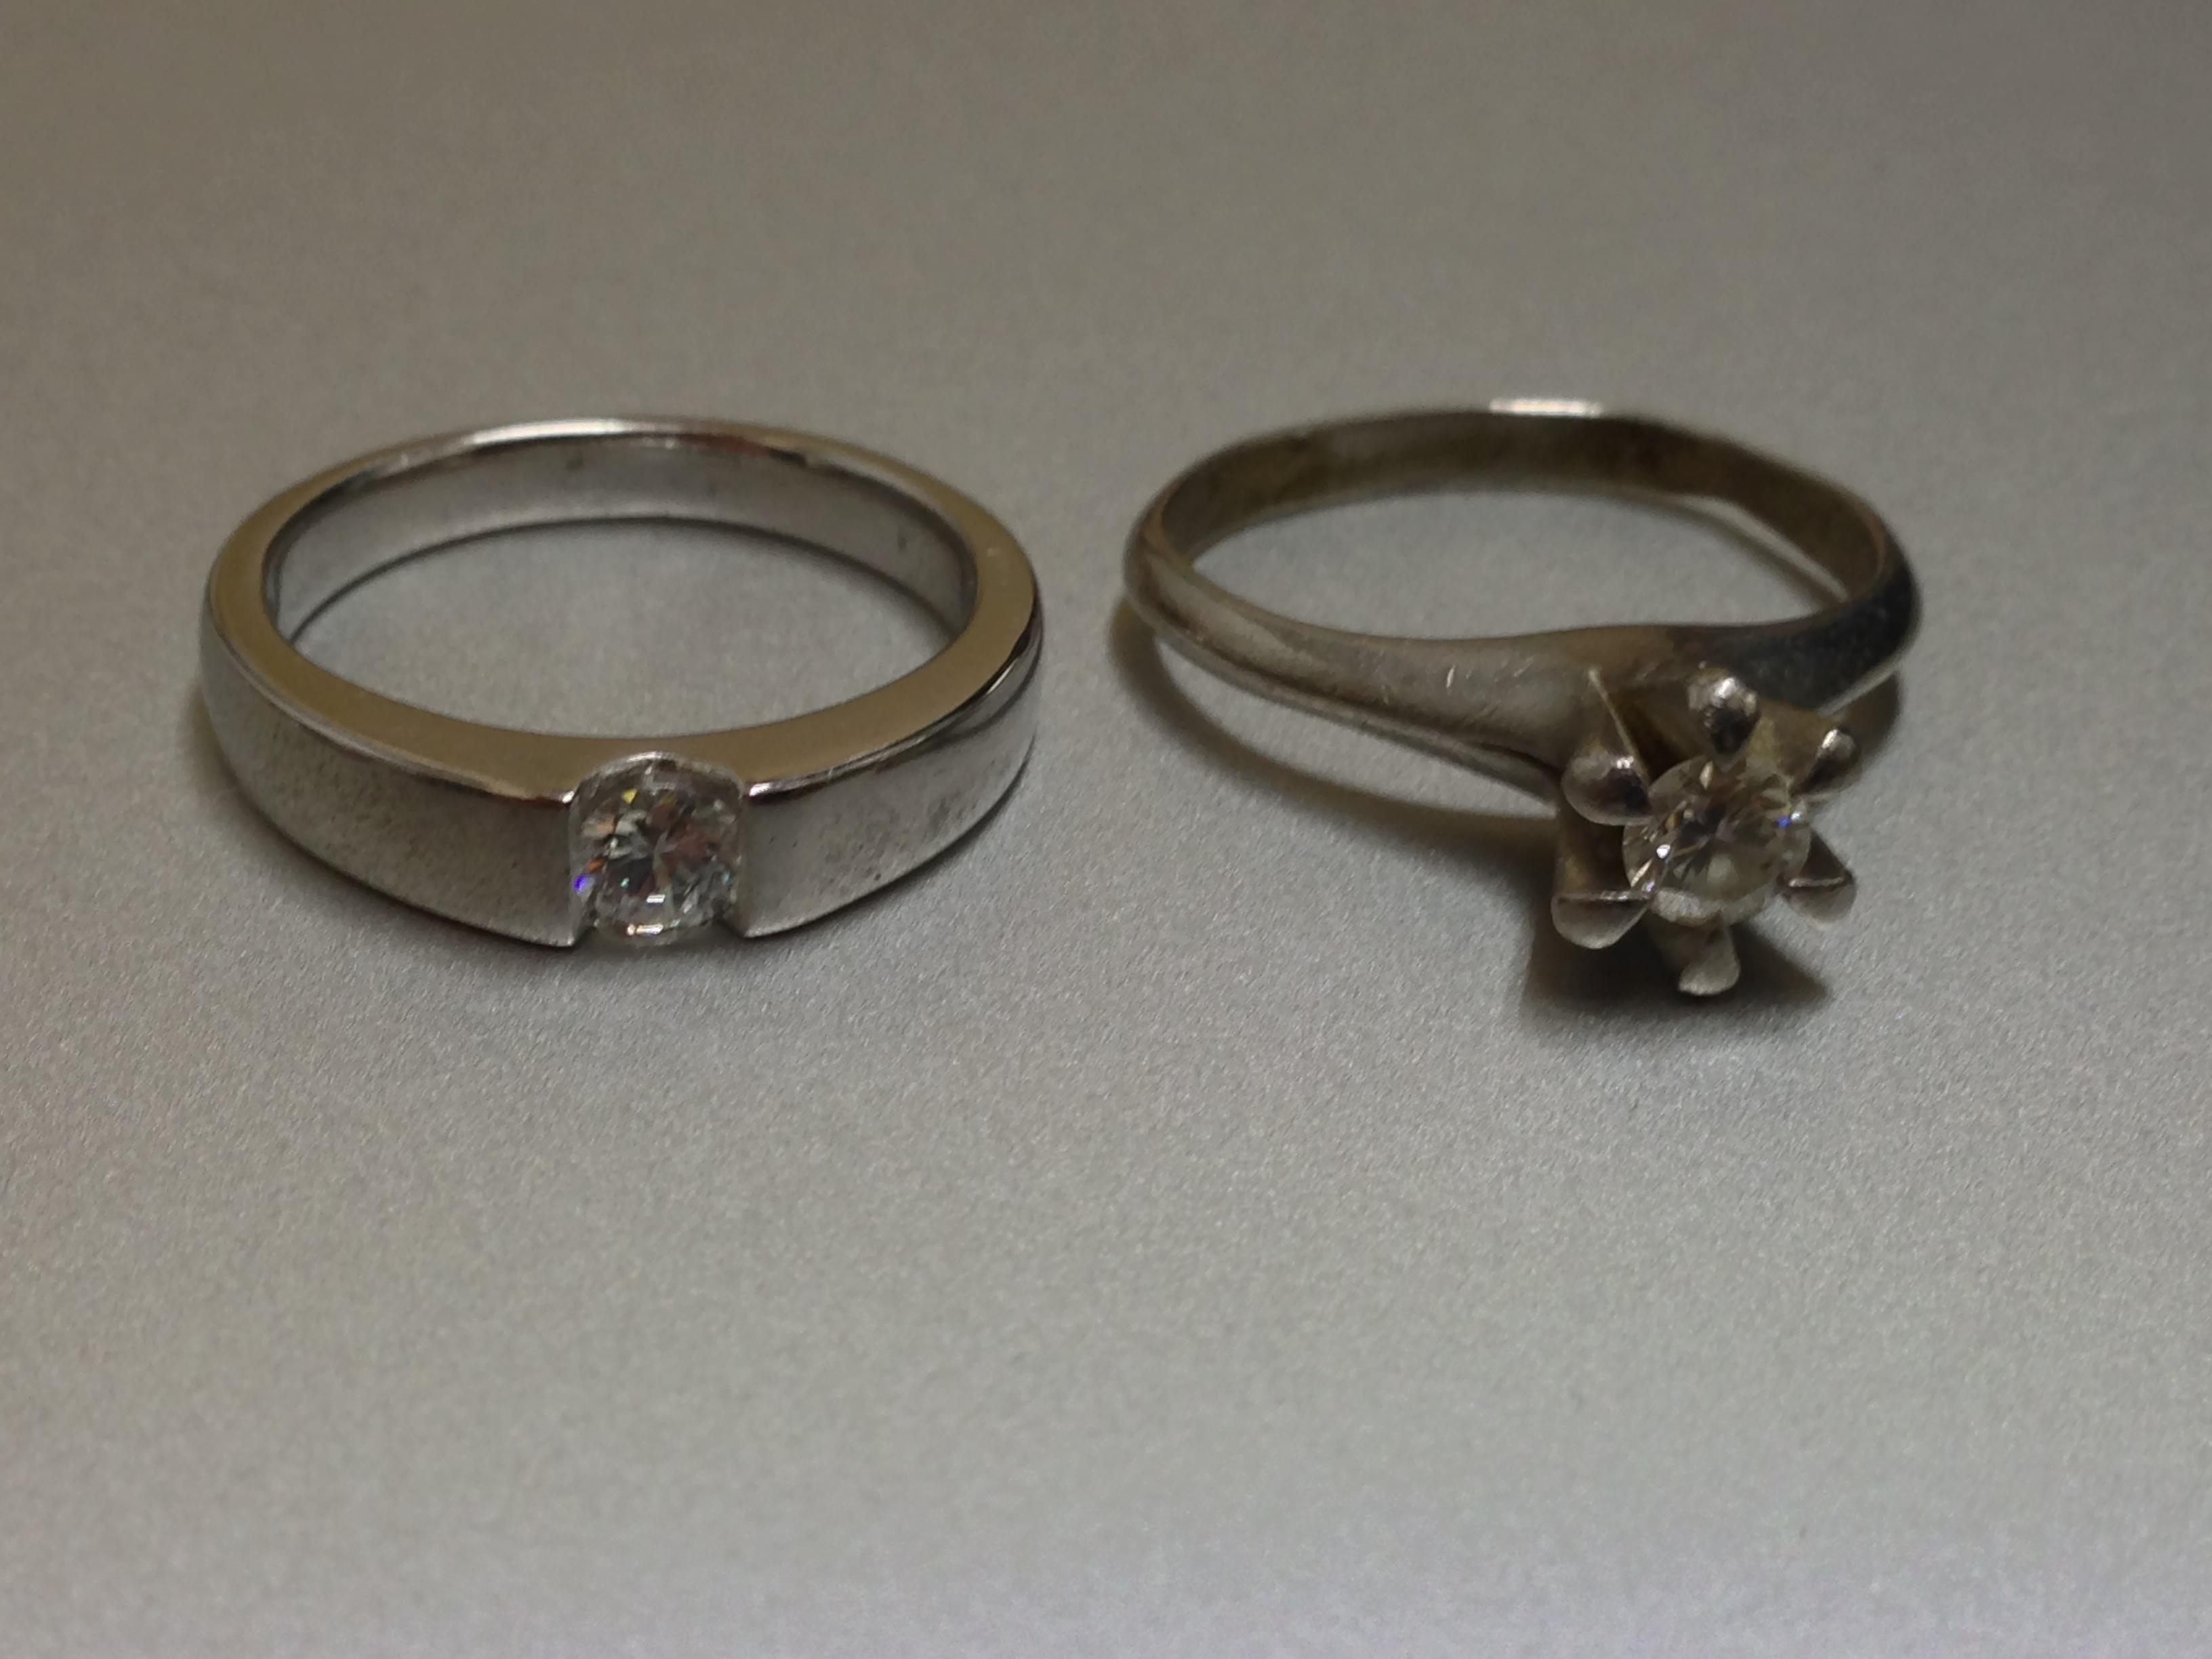 高さを抑えた指輪に生まれ変わります。